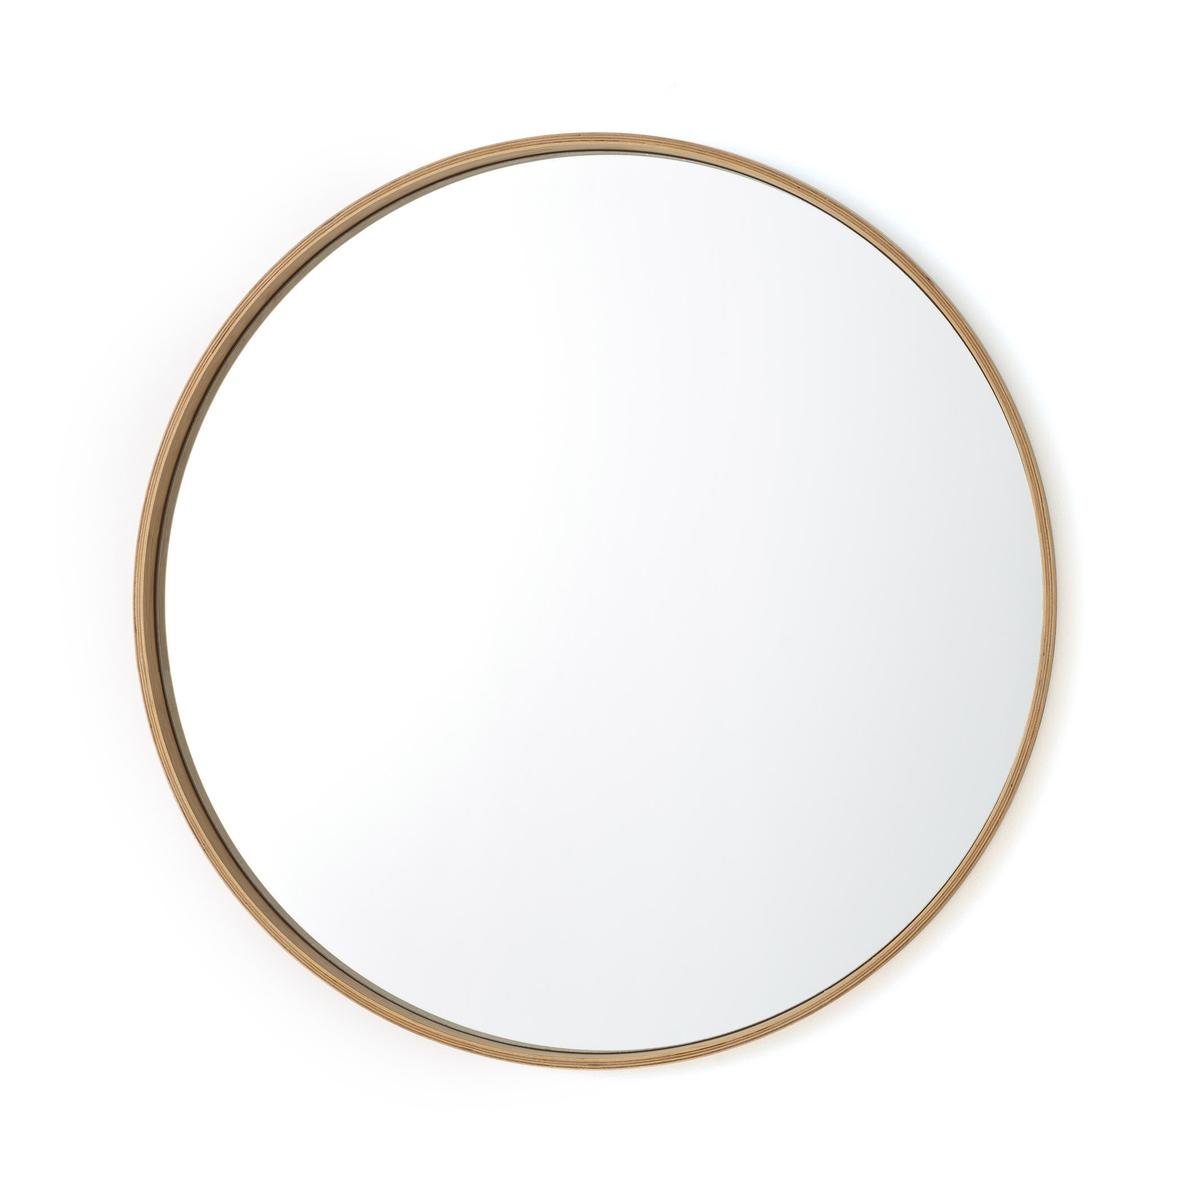 Зеркало La Redoute Круглое с отделкой из дуба ALARIA единый размер каштановый зеркало круглое alaria